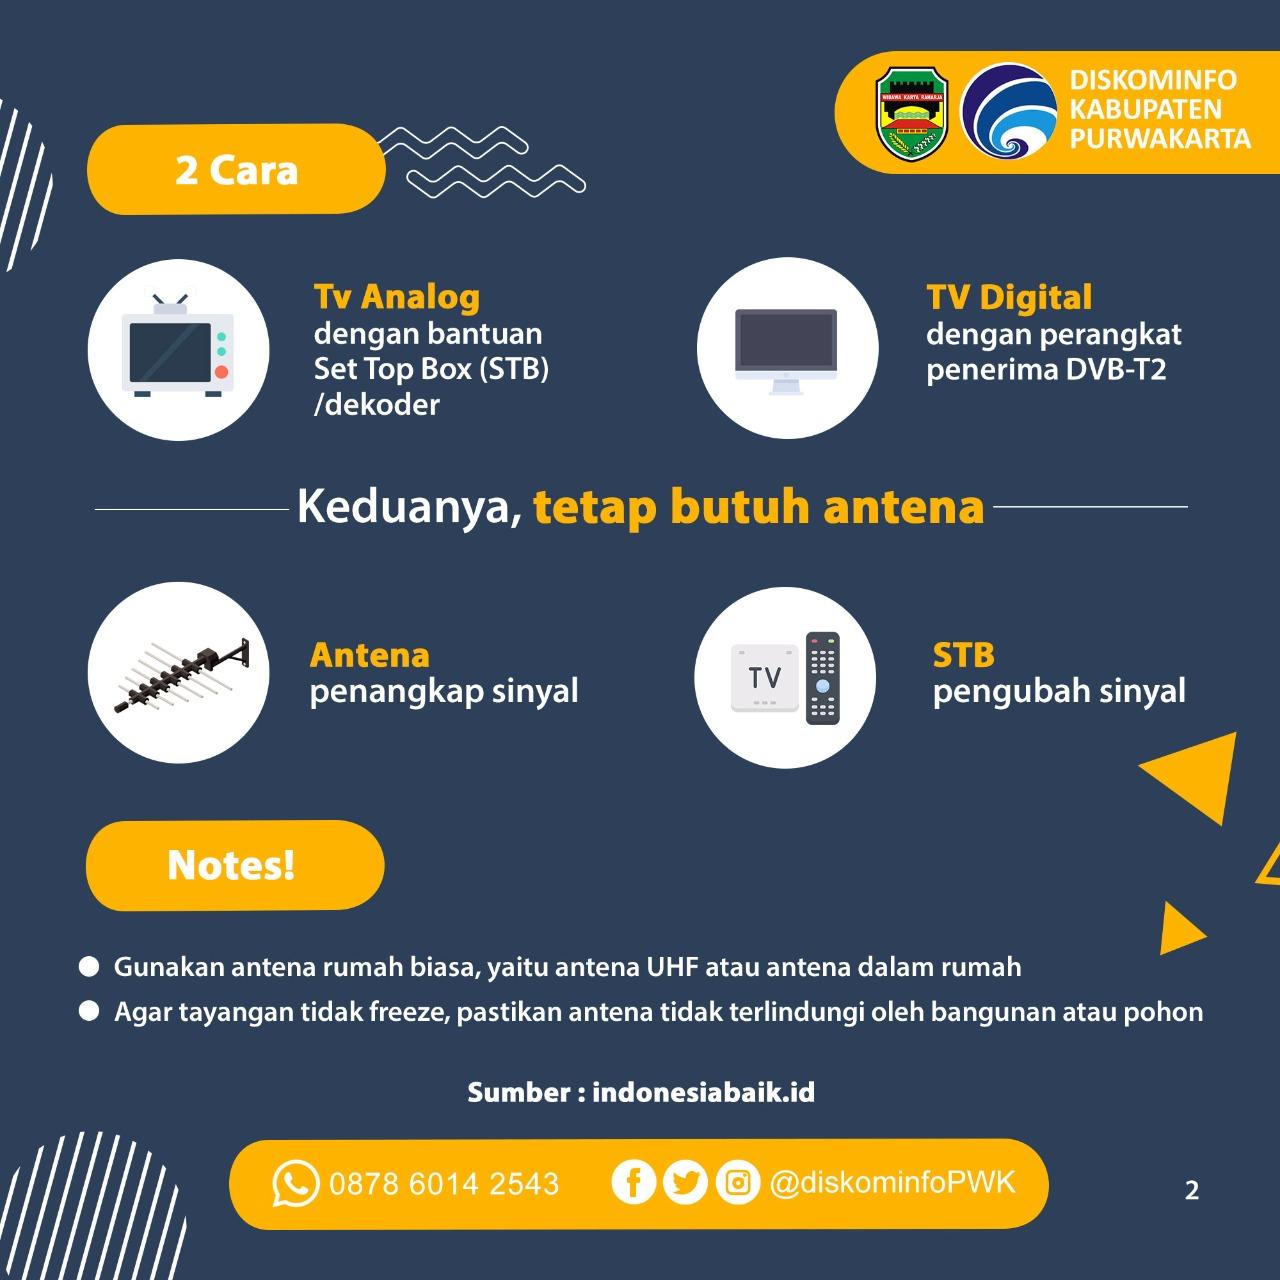 Siaran TV Digital Tetap Butuh Antena ya